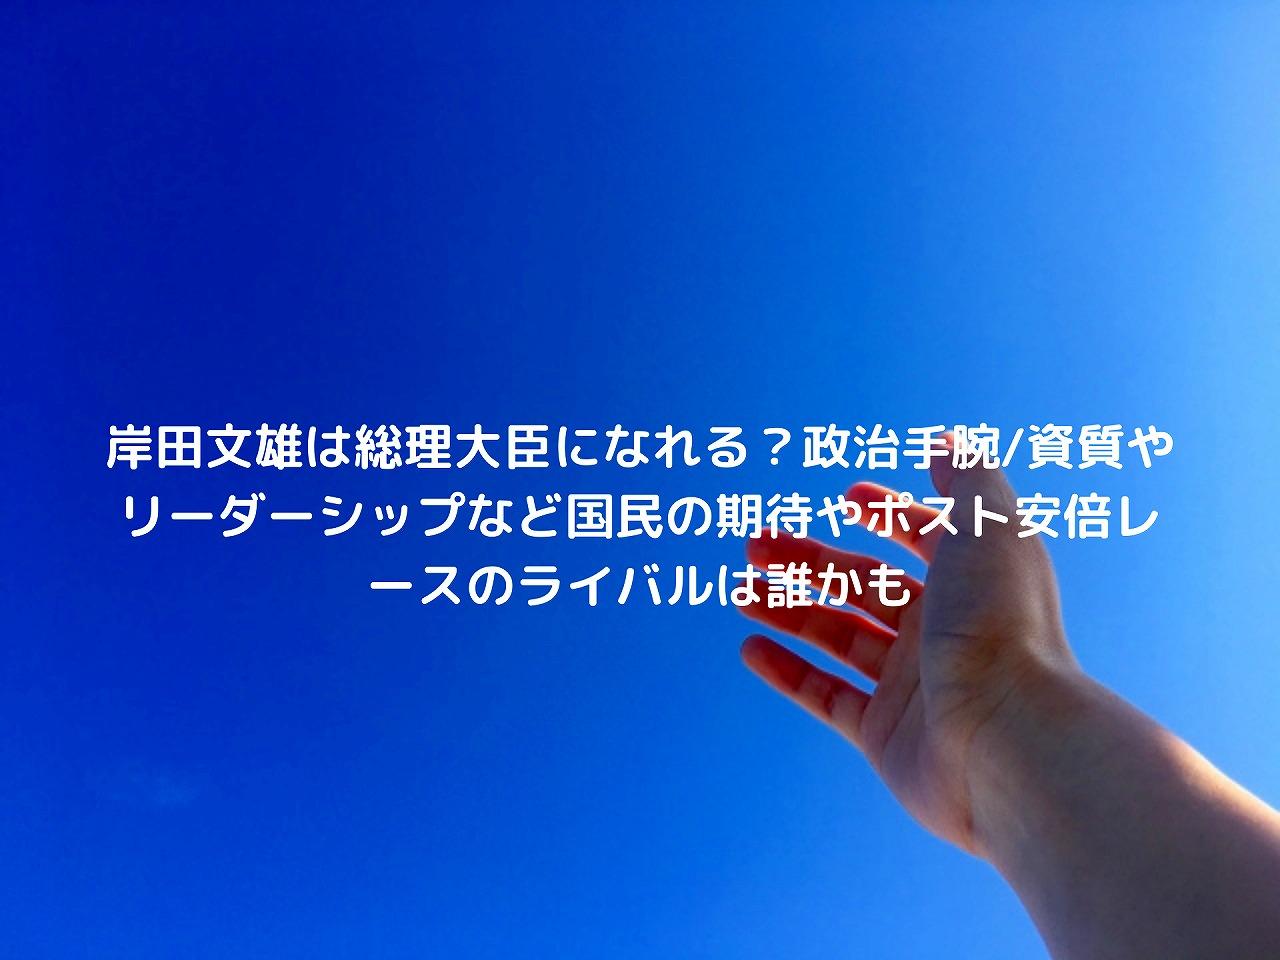 岸田文雄は総理大臣に